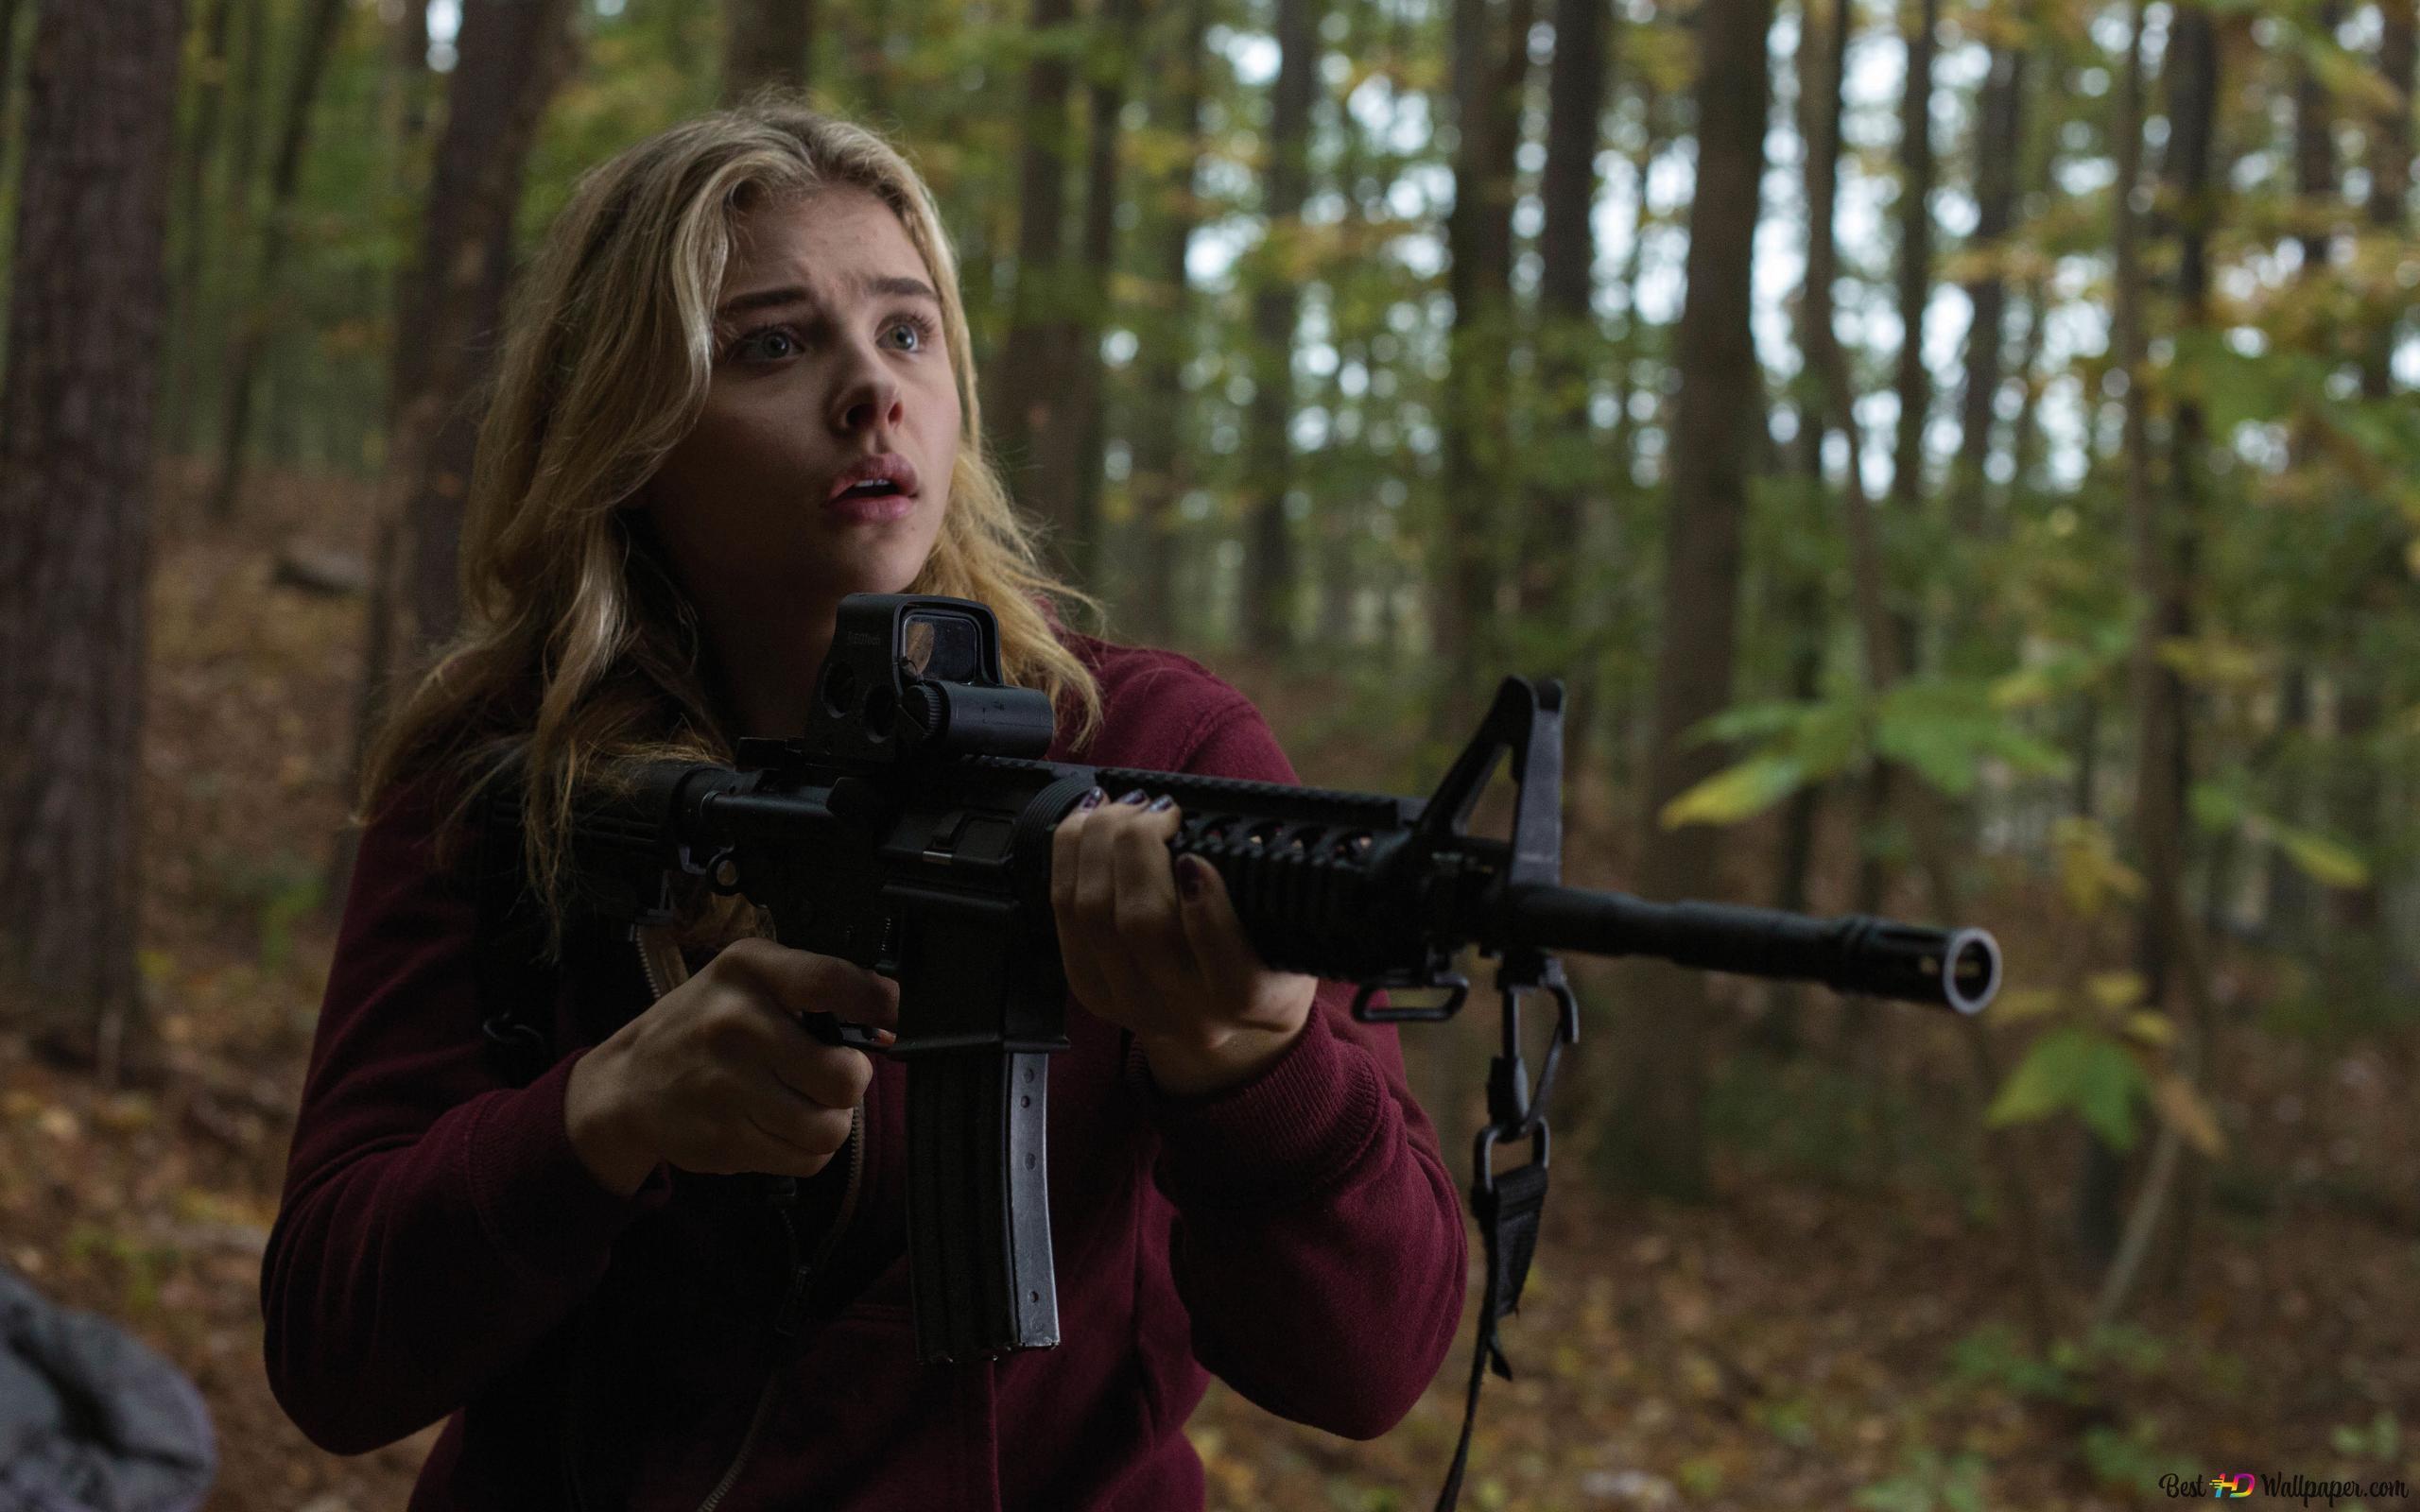 銃を持つ少女 Hd壁紙のダウンロード